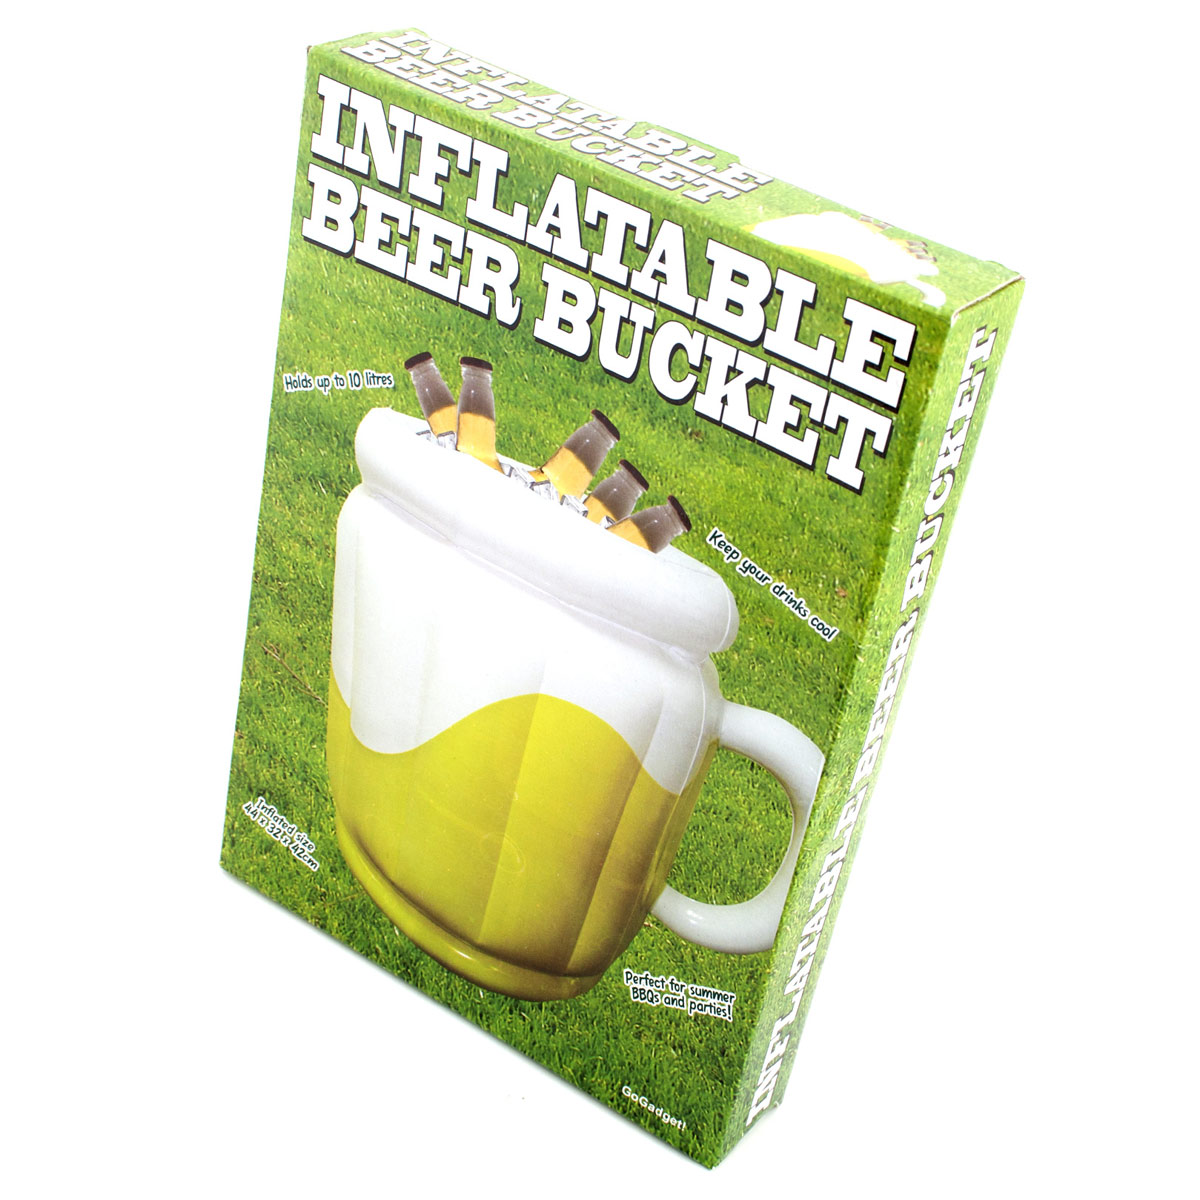 Aufblasbarer bierk hler 14 liter getr nkek hler for Bierkuhler garten